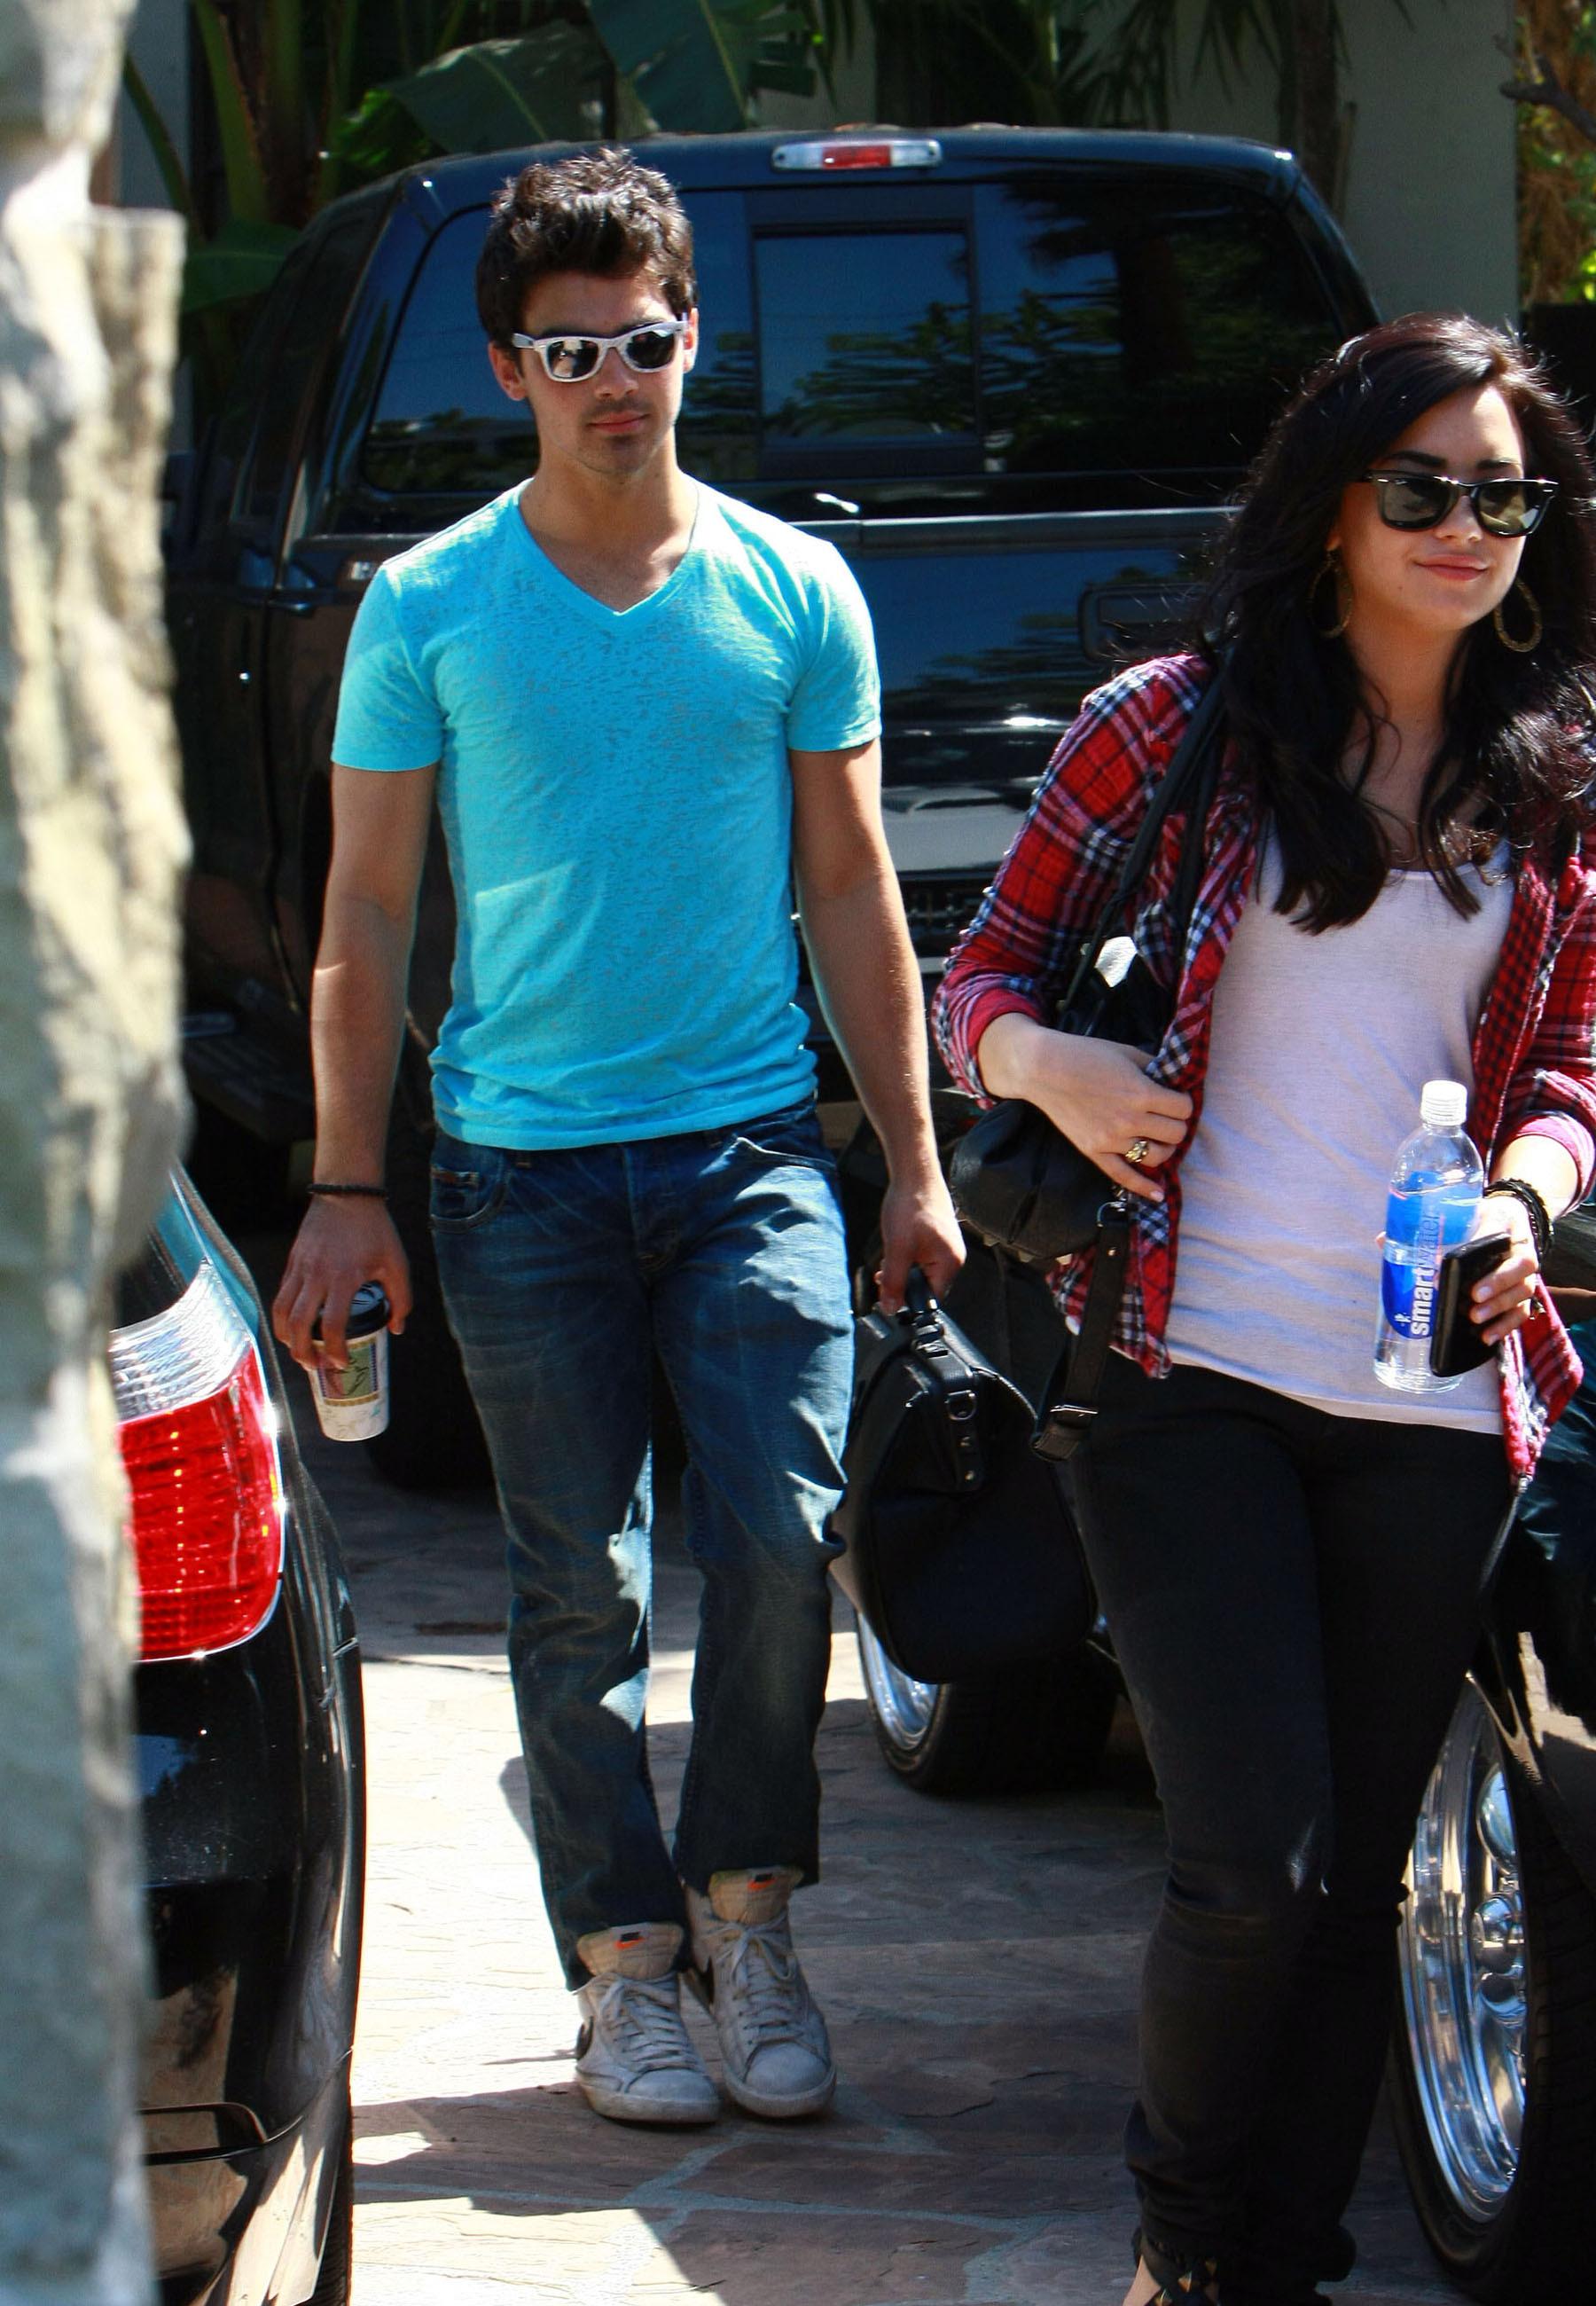 65075_Demi_Lovato_25.04.2010_4_122_499lo.jpg